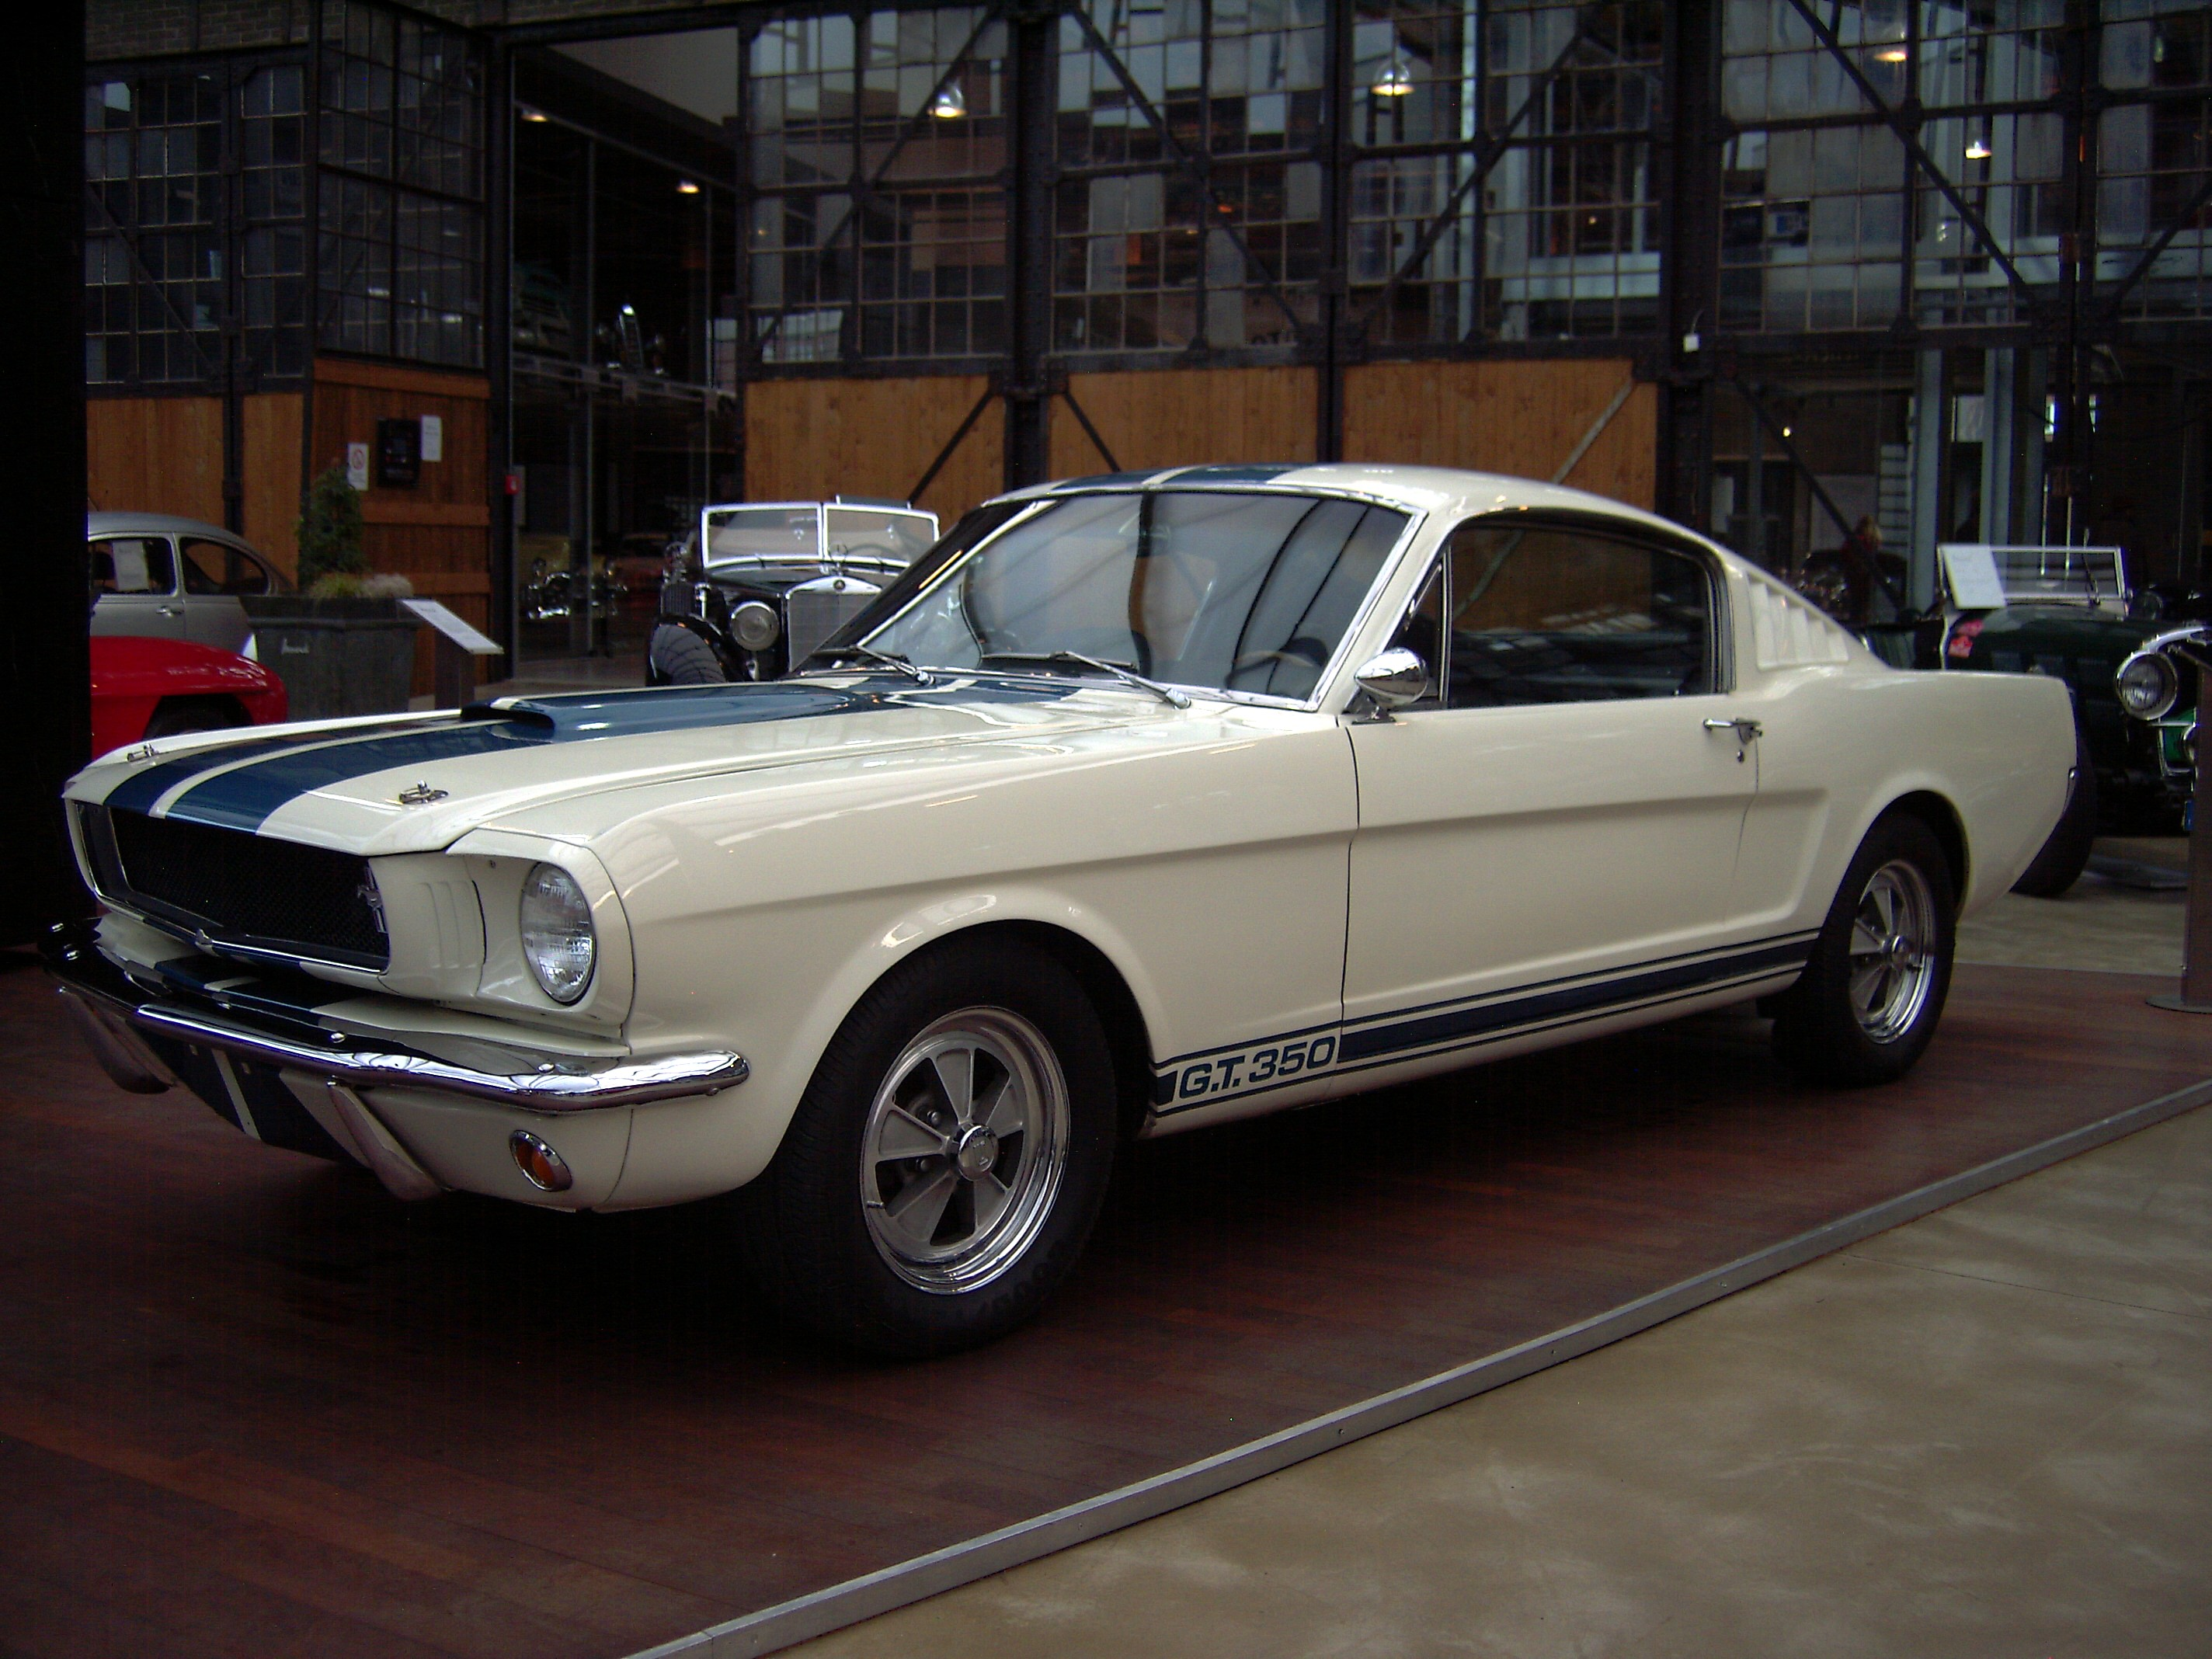 Suche nach Mustang GT pagenstecher Deine Automeile im Netz